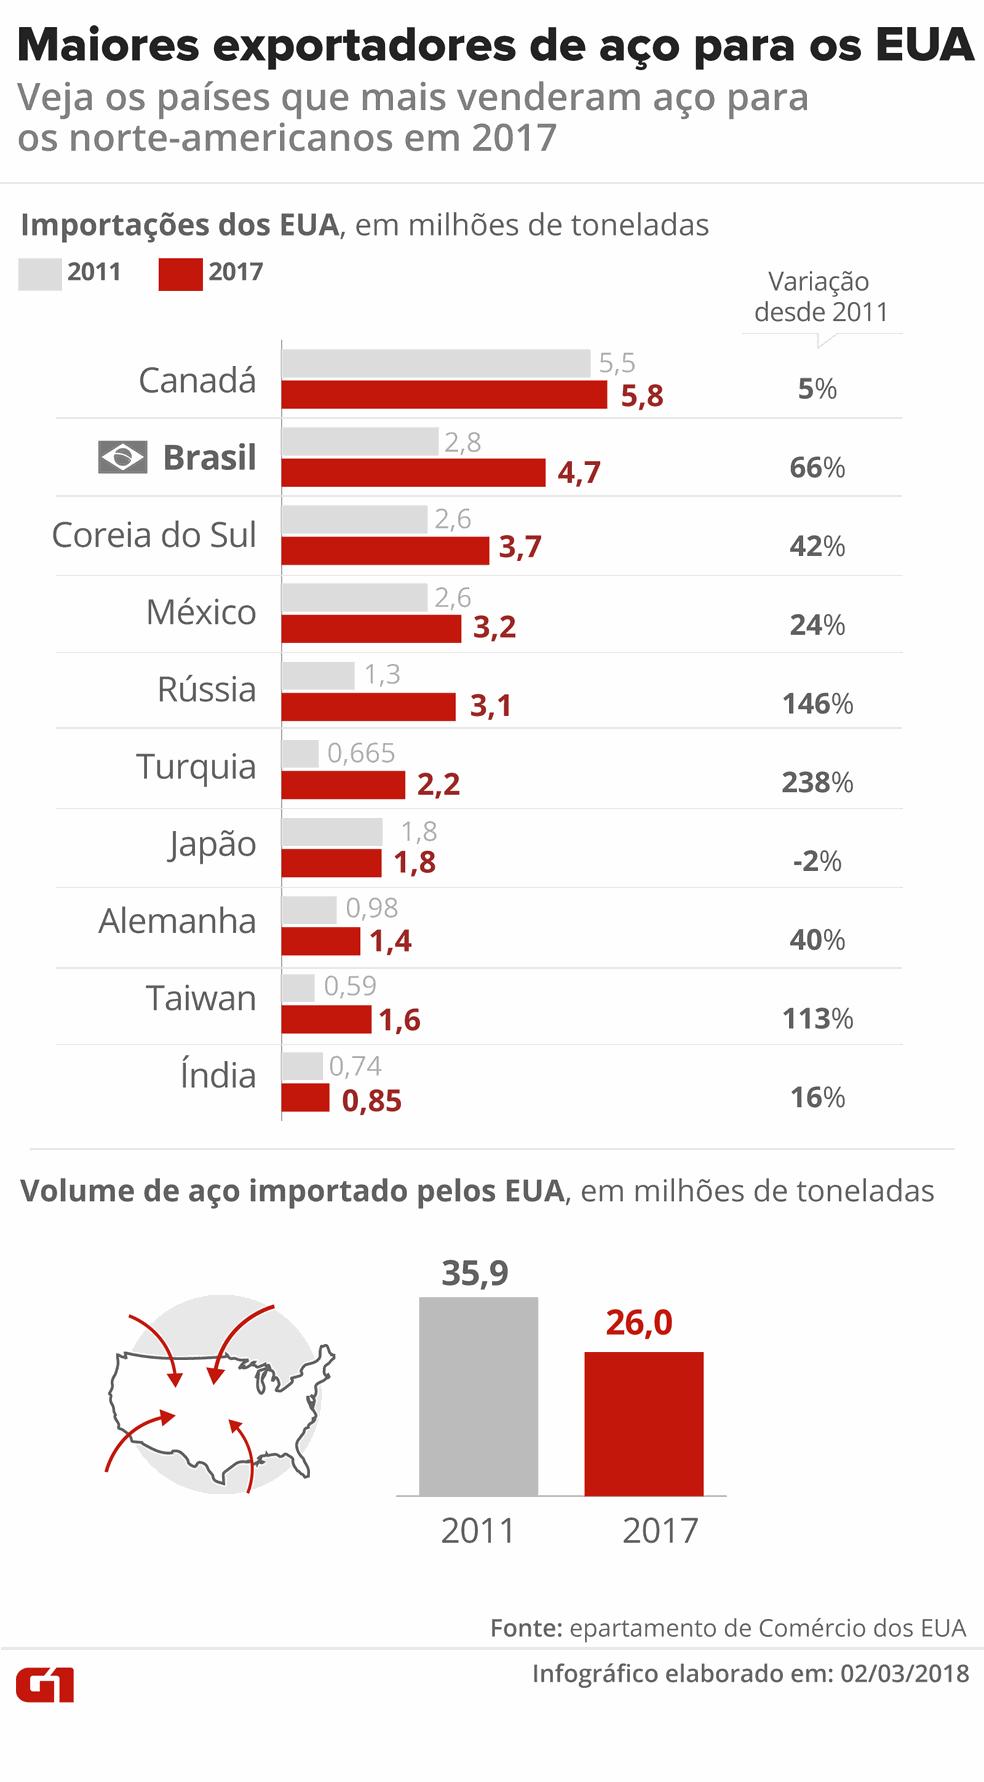 Infográfico mostra exportadores de aço para os EUA (Foto: Ilustração: Karina Almeida/G1)